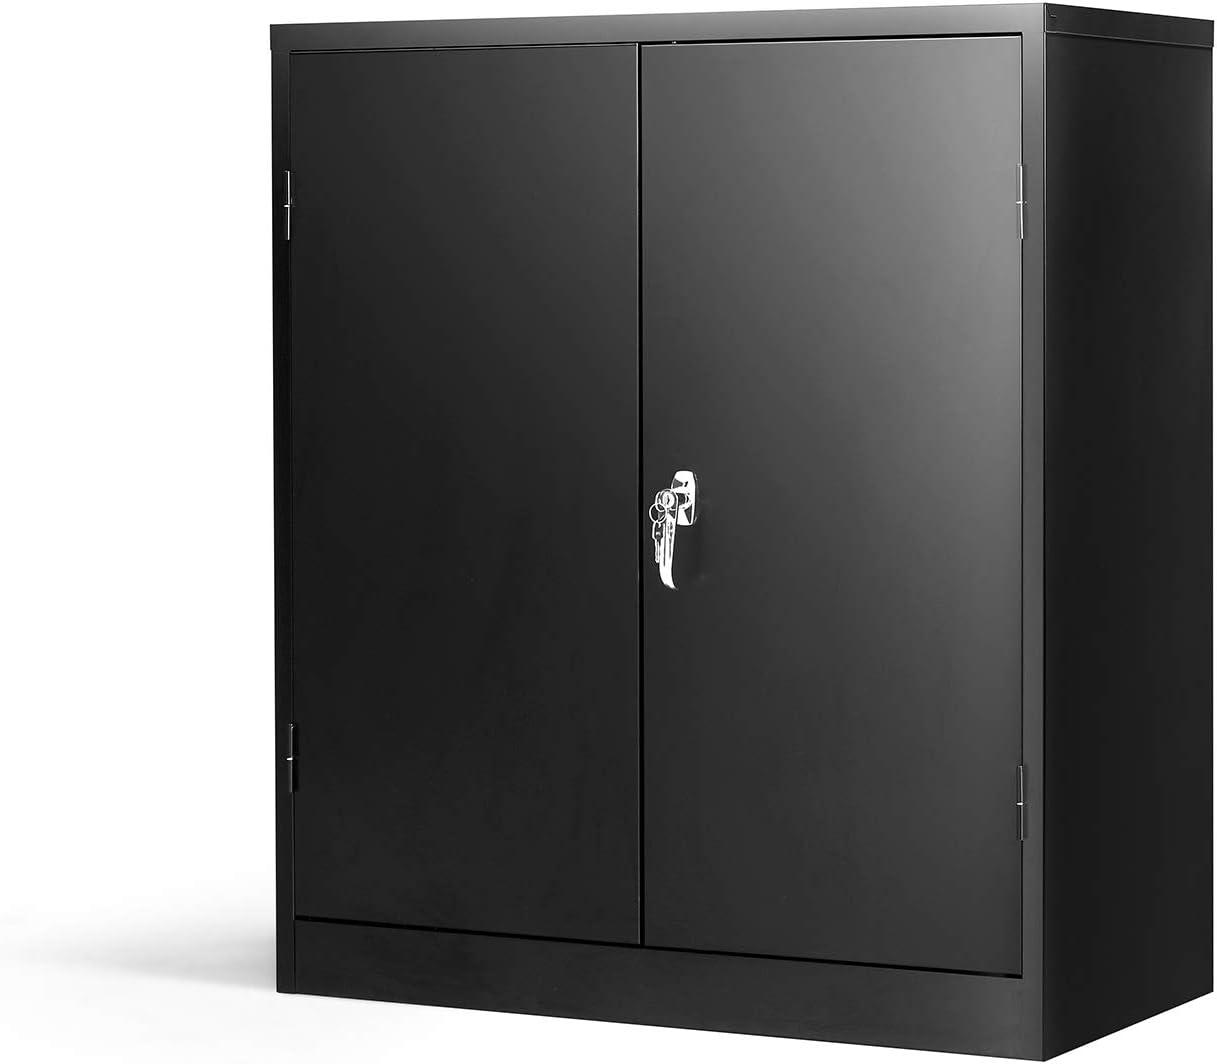 Steel SnapIt Storage Cabinet with 2 Adjustable Shelves Metal Storage Cabinet Black